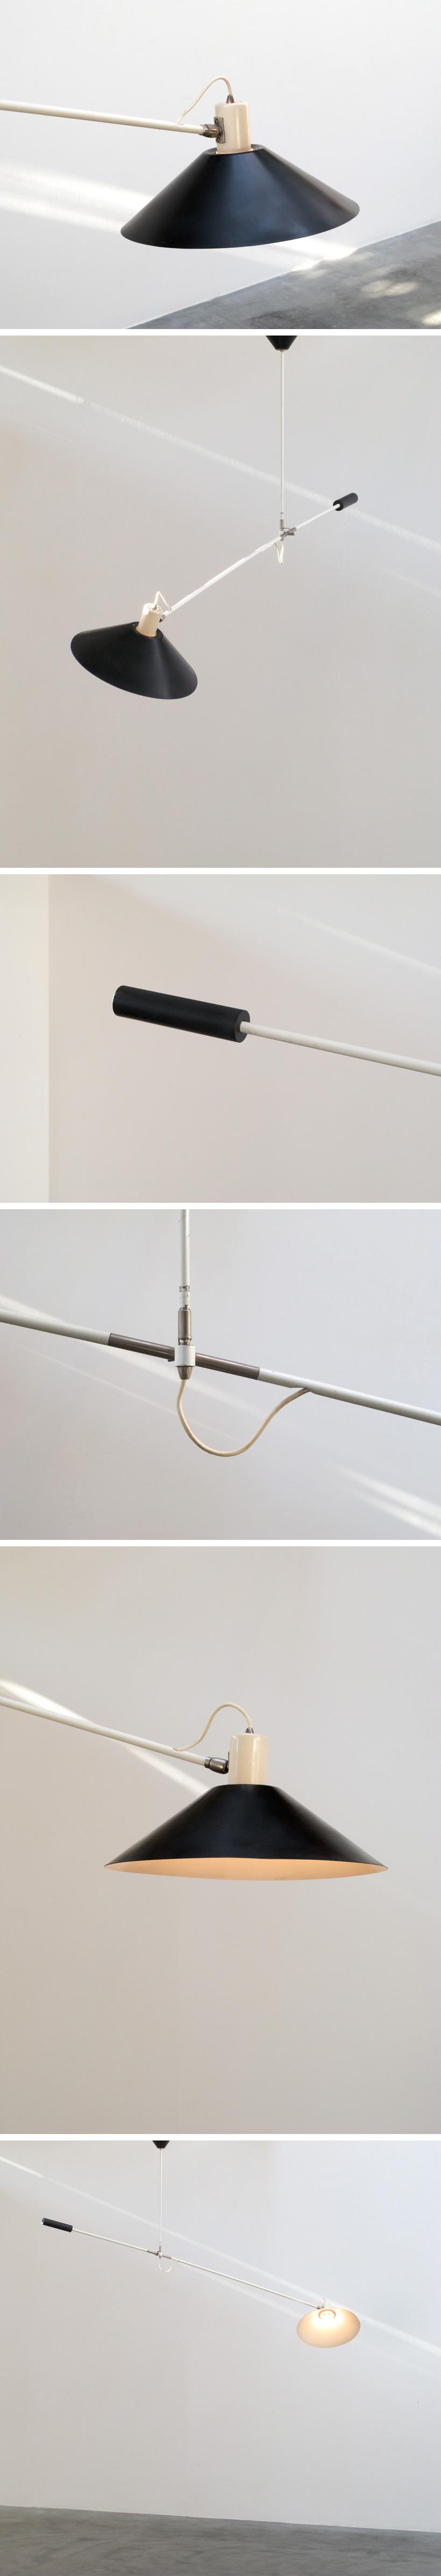 Anvia J.J.M. Hoogervorst Counter balance lamp Large